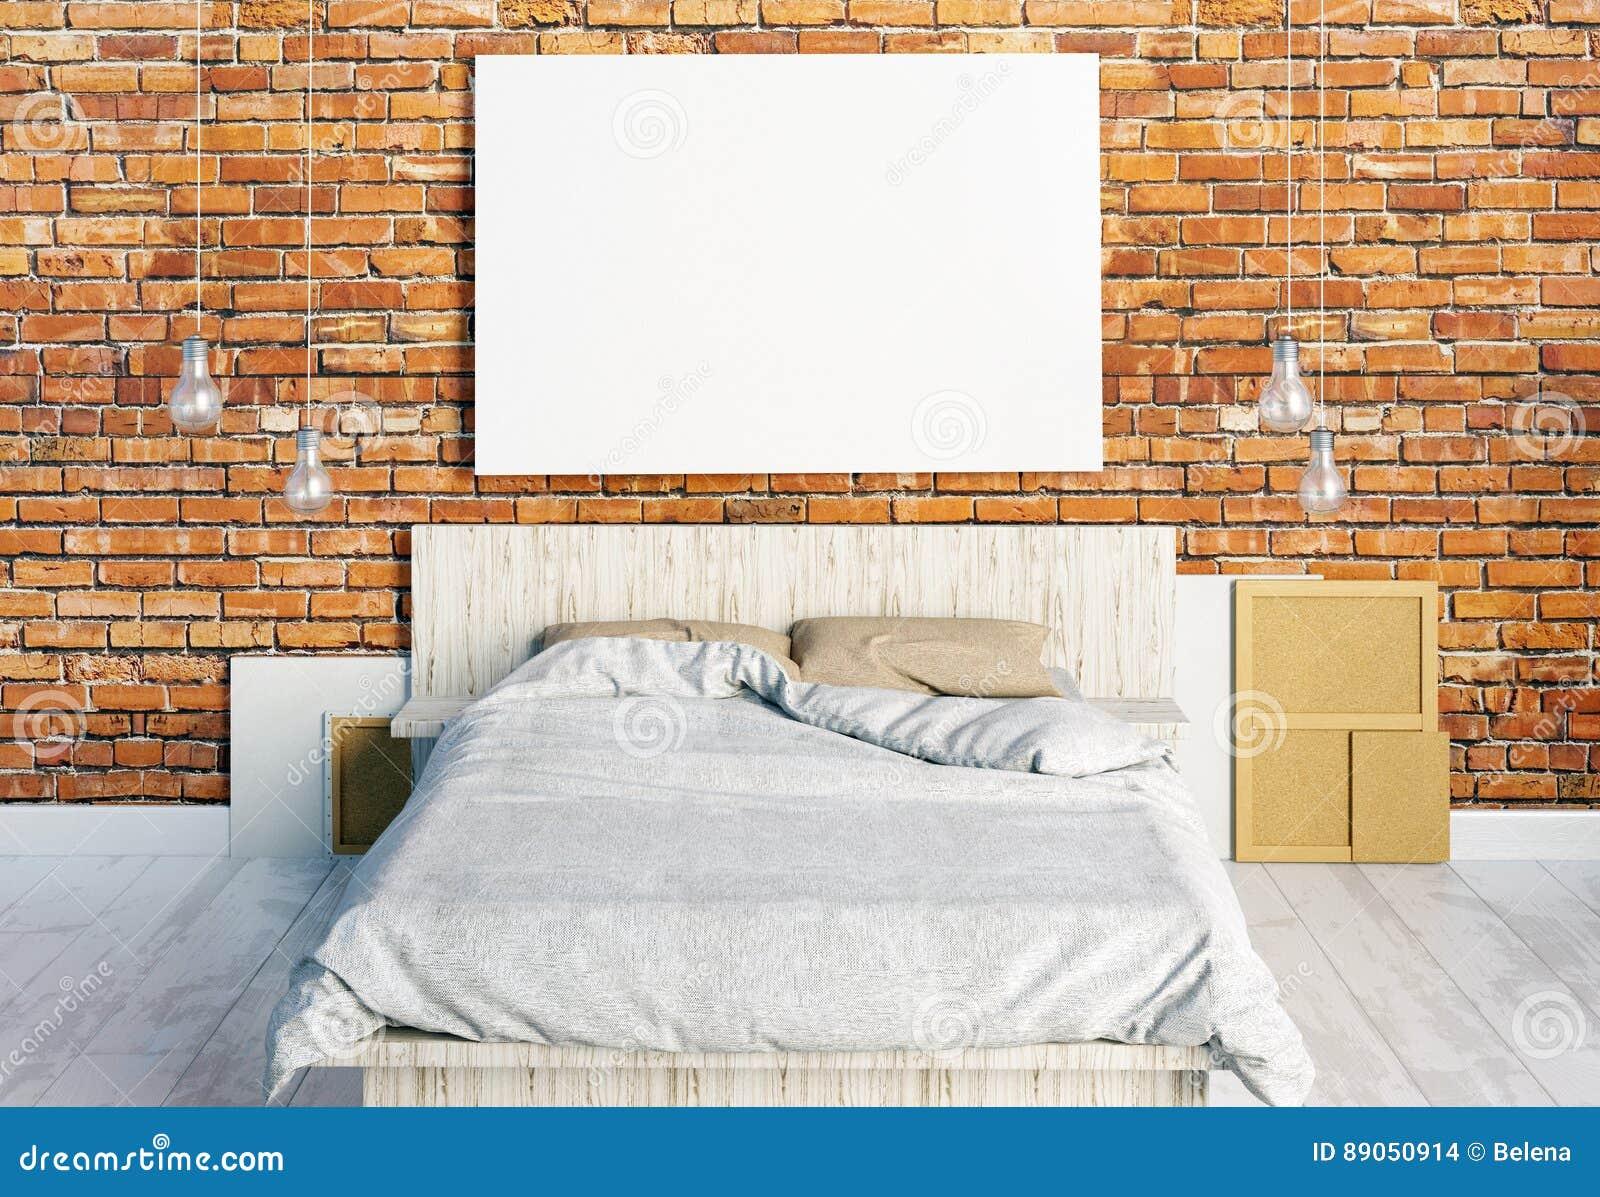 Spott herauf Poster im Schlafzimmerinnenraum Schlafzimmerhippie-Art